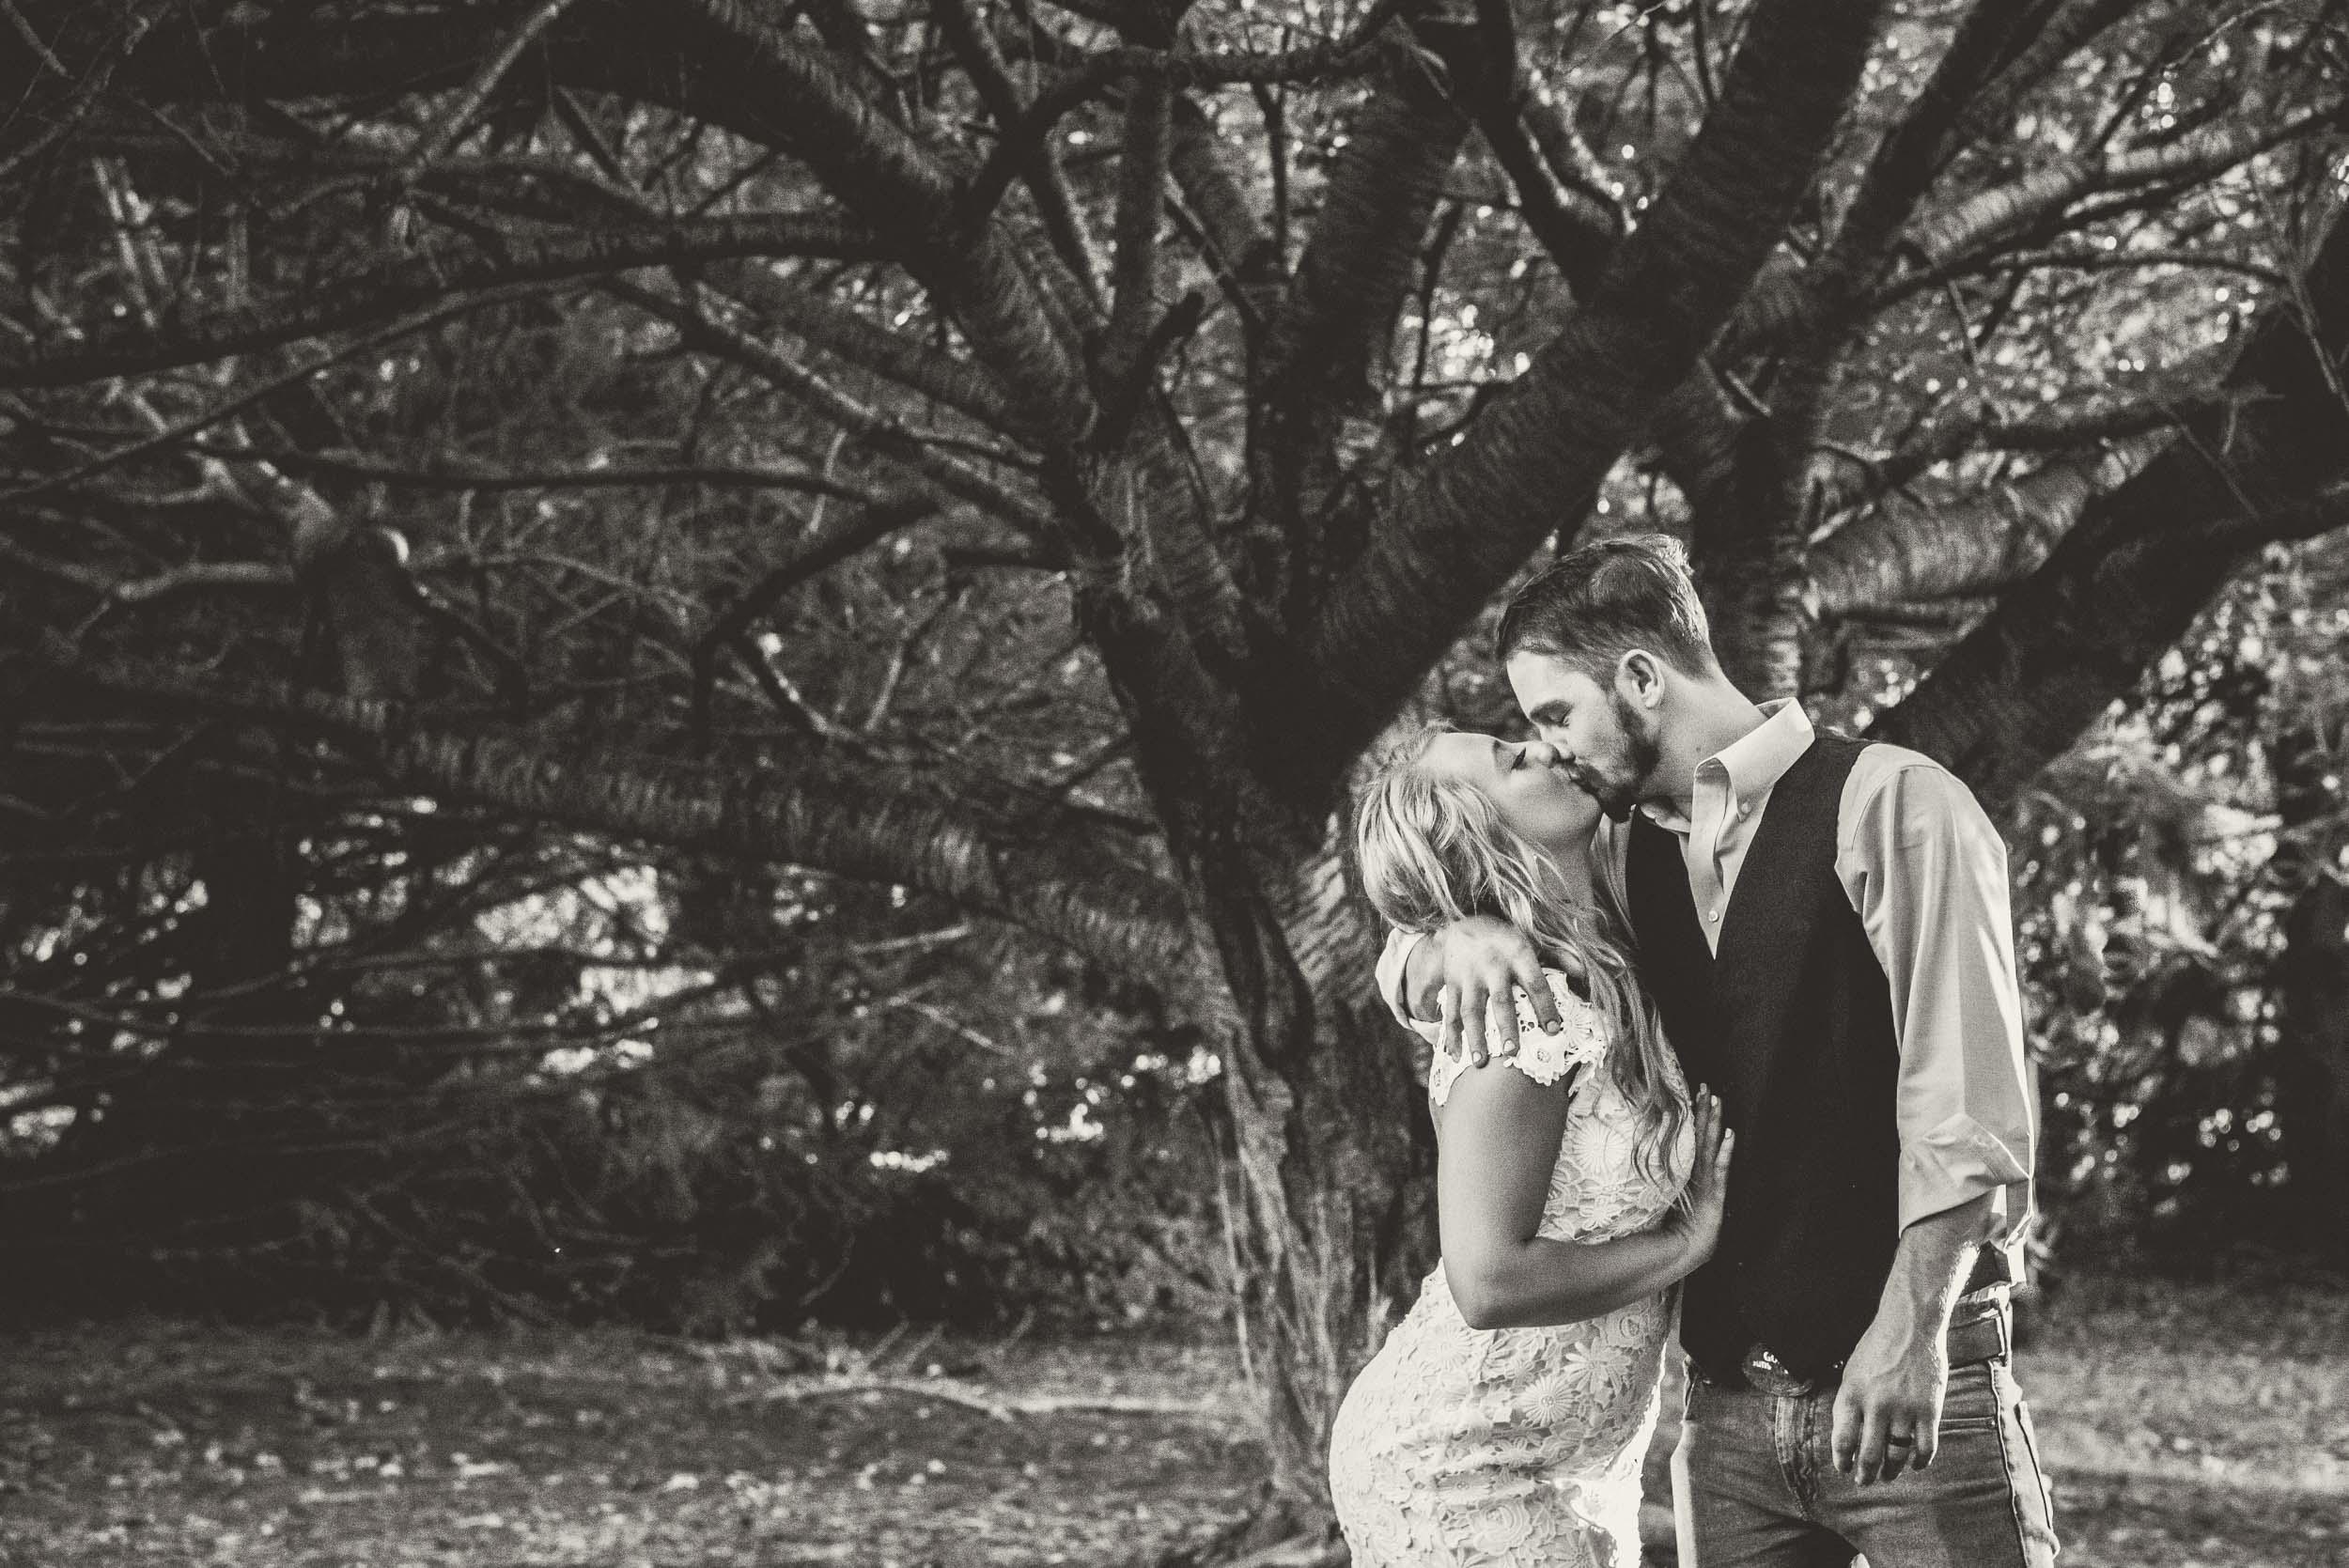 ChanceandMelanie_Dunkirk_Southern_Maryland_Backyard_DYI_Wedding(40of65).jpg